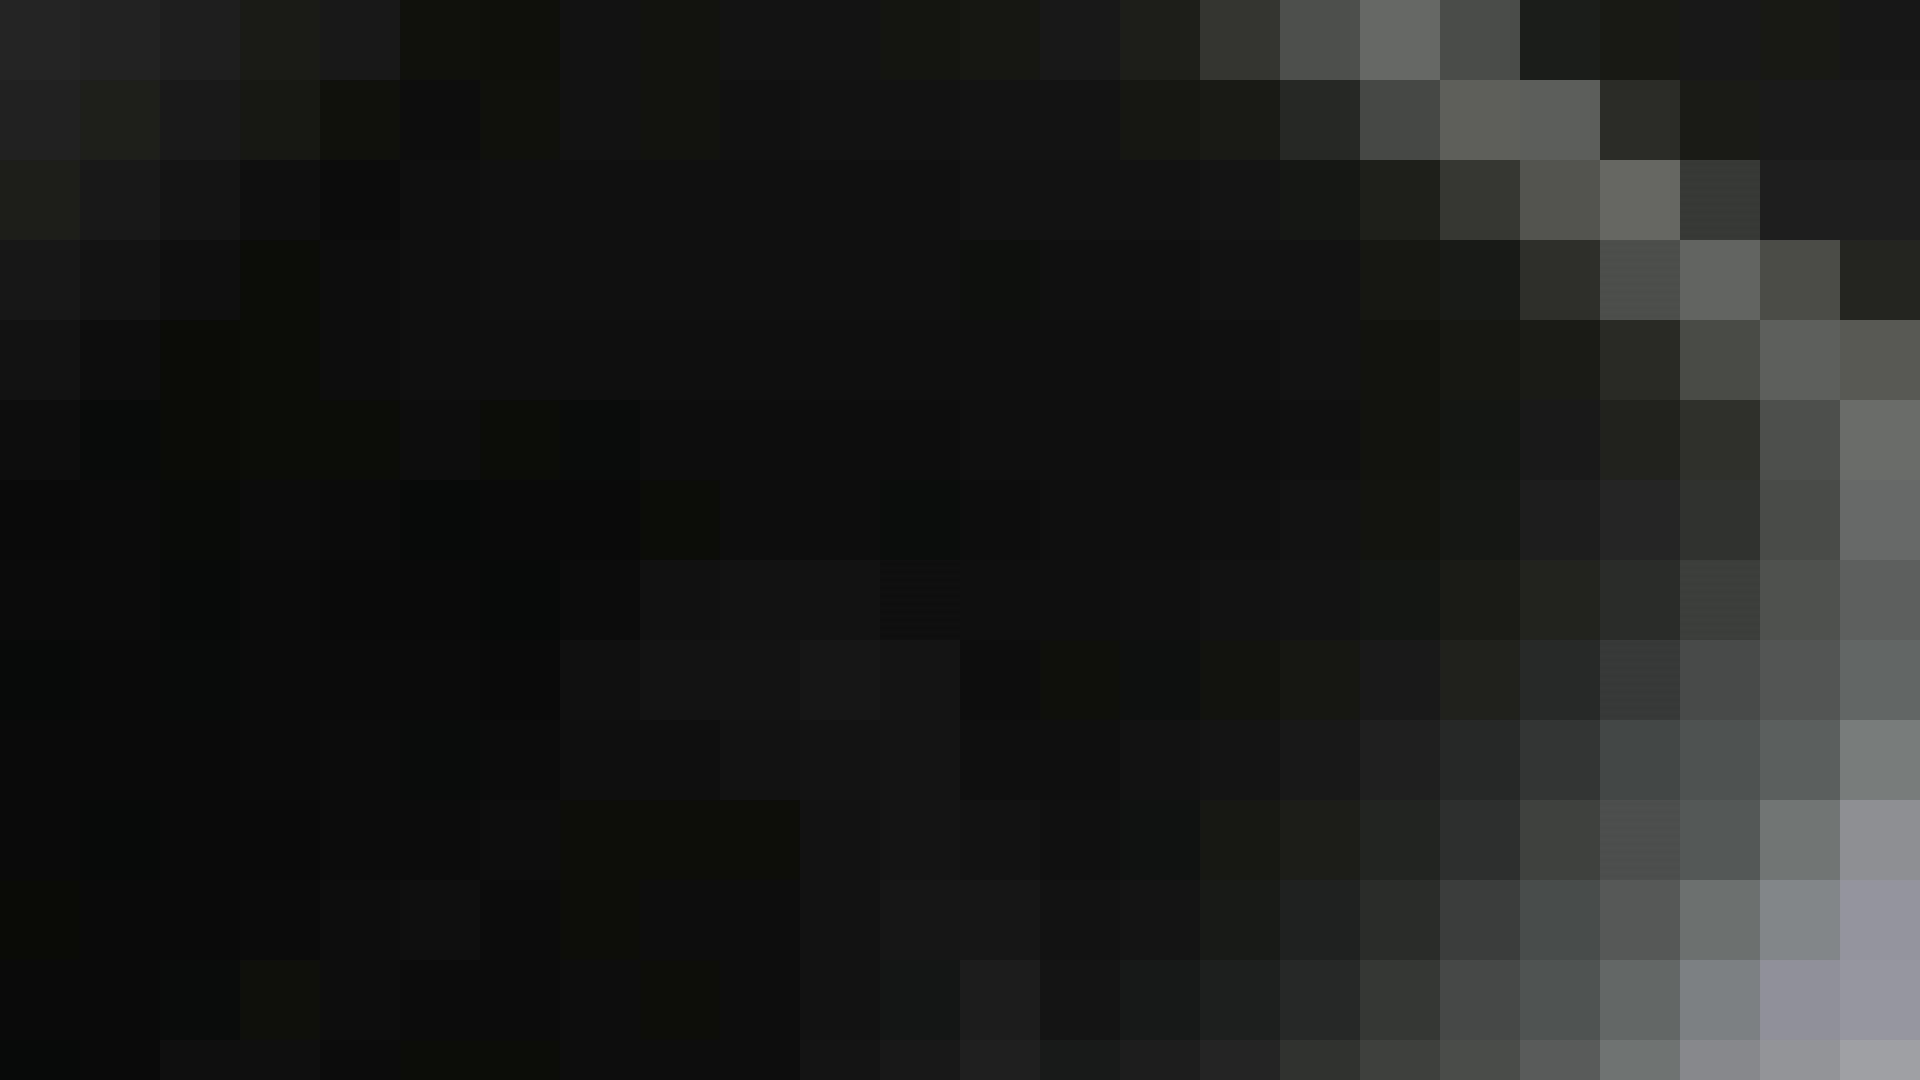 世界の射窓から ステーション編 vol.18 ゴン太 推定600g超過 エッチすぎるOL達  87連発 54